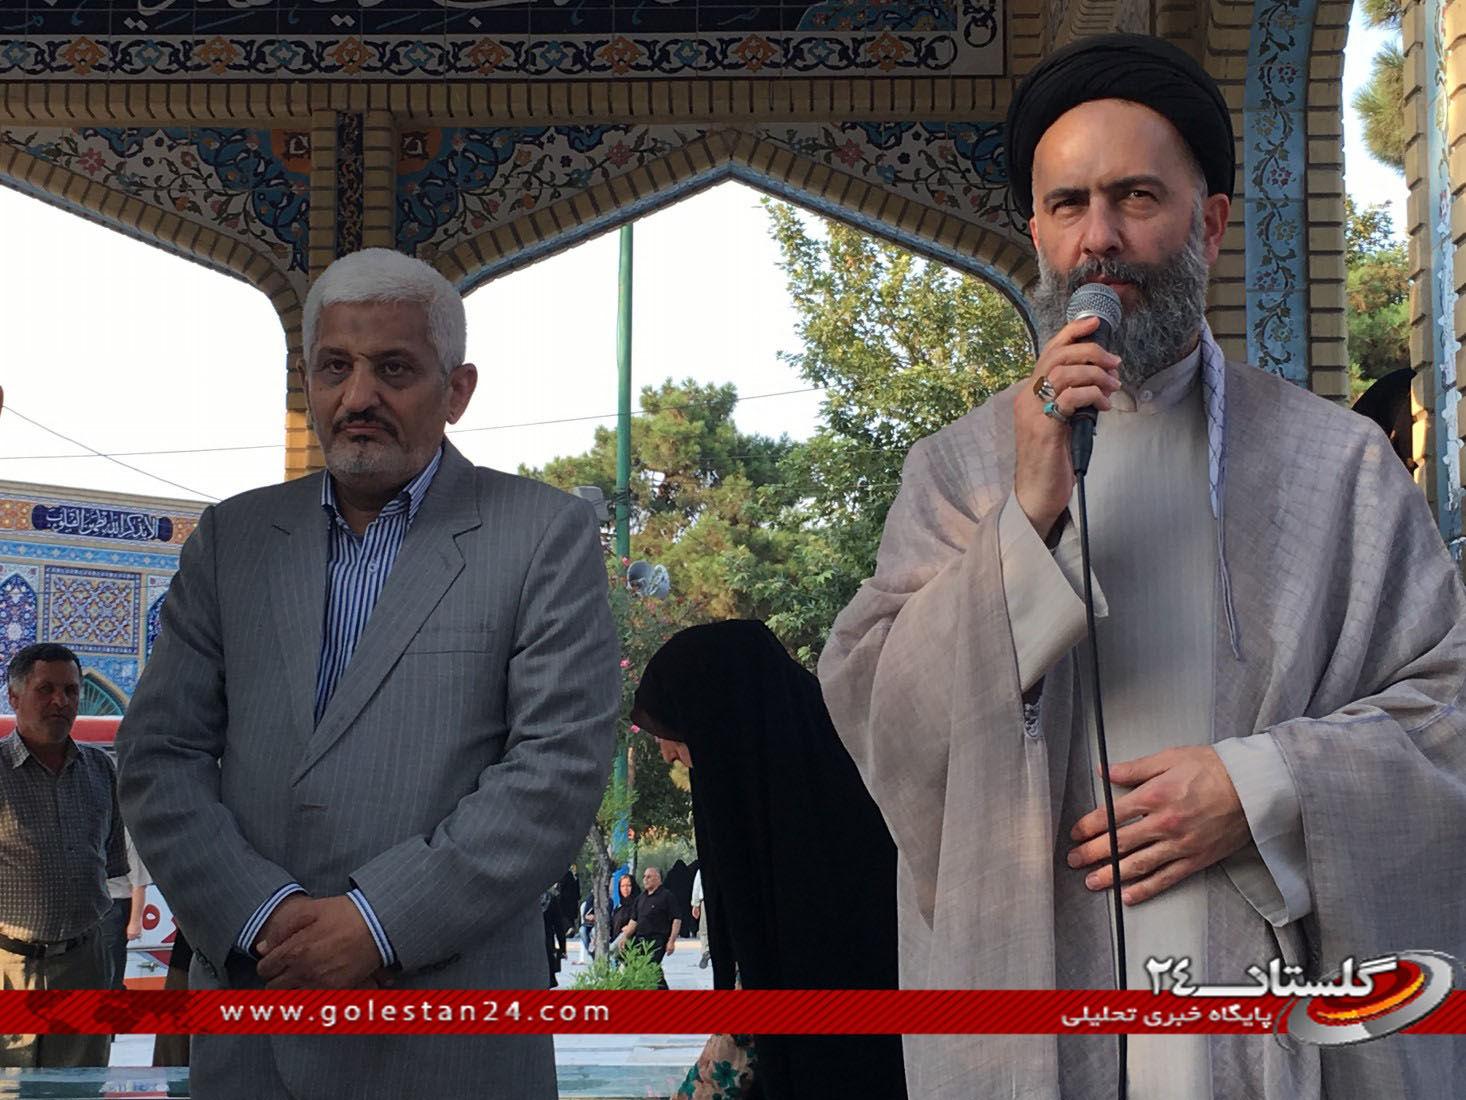 عطر افشانی مزار شهید طاهری (13)